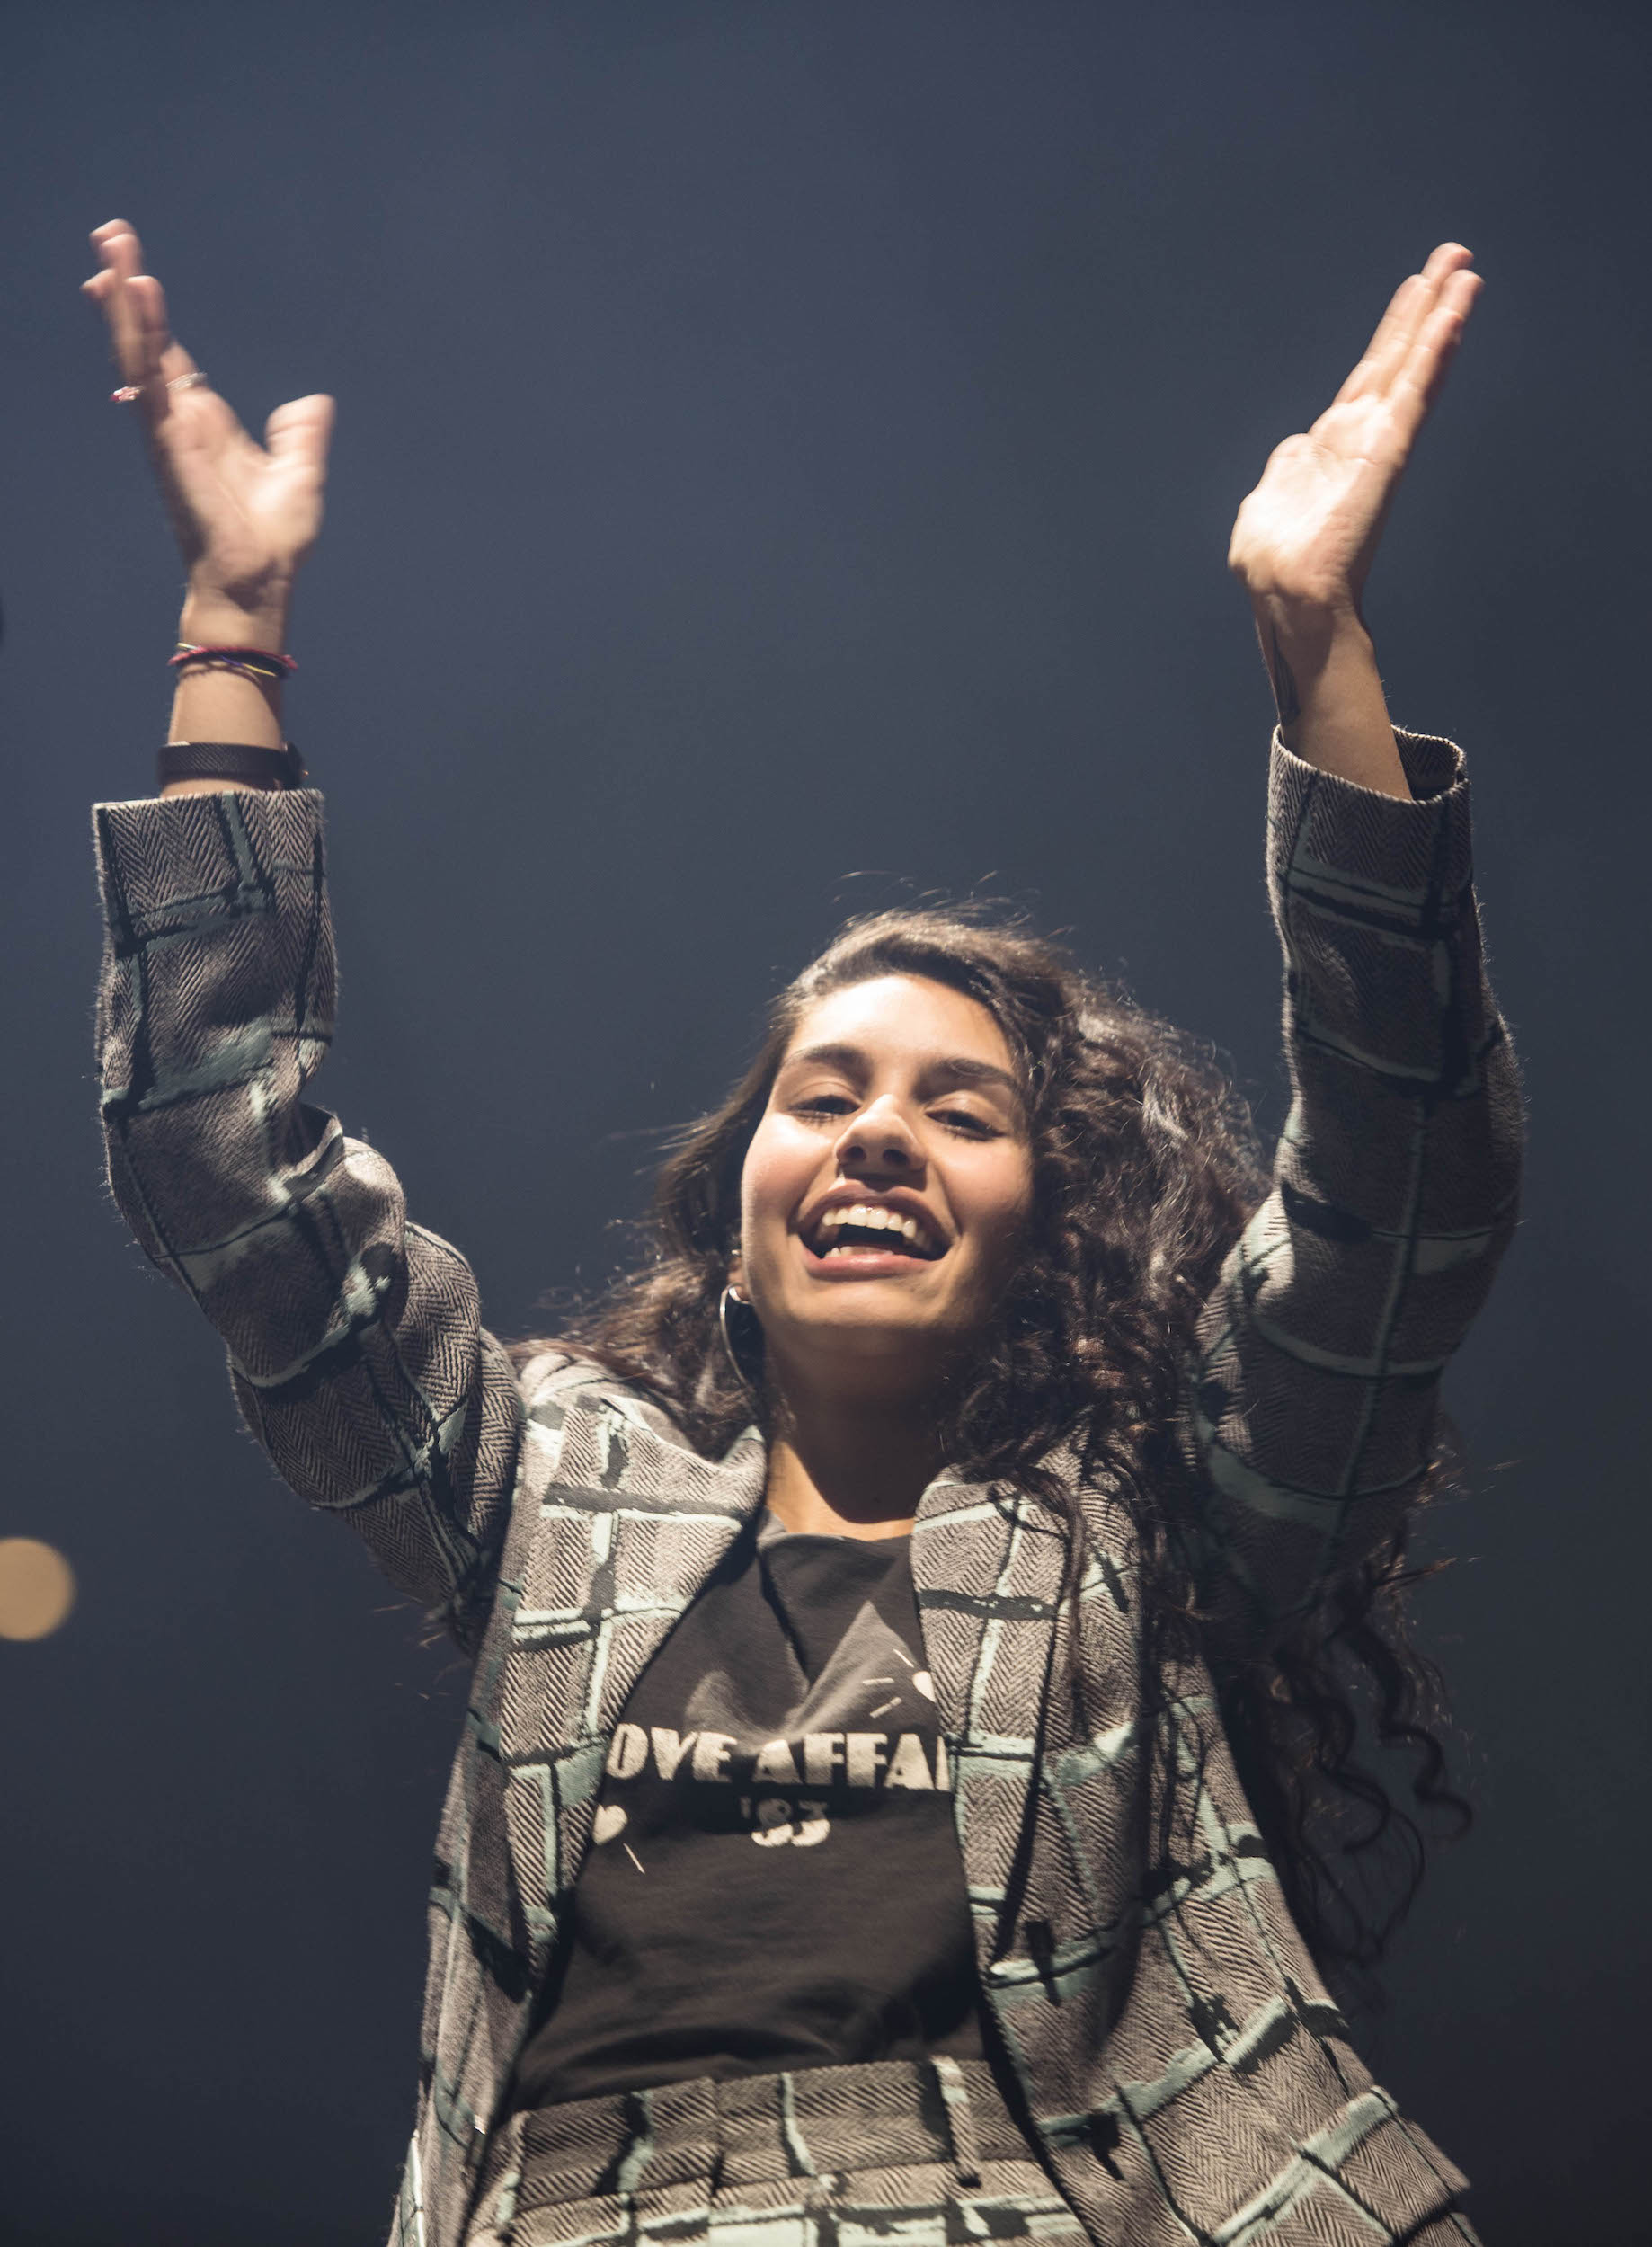 Alessia hatte viel Spass auf der Bühne.